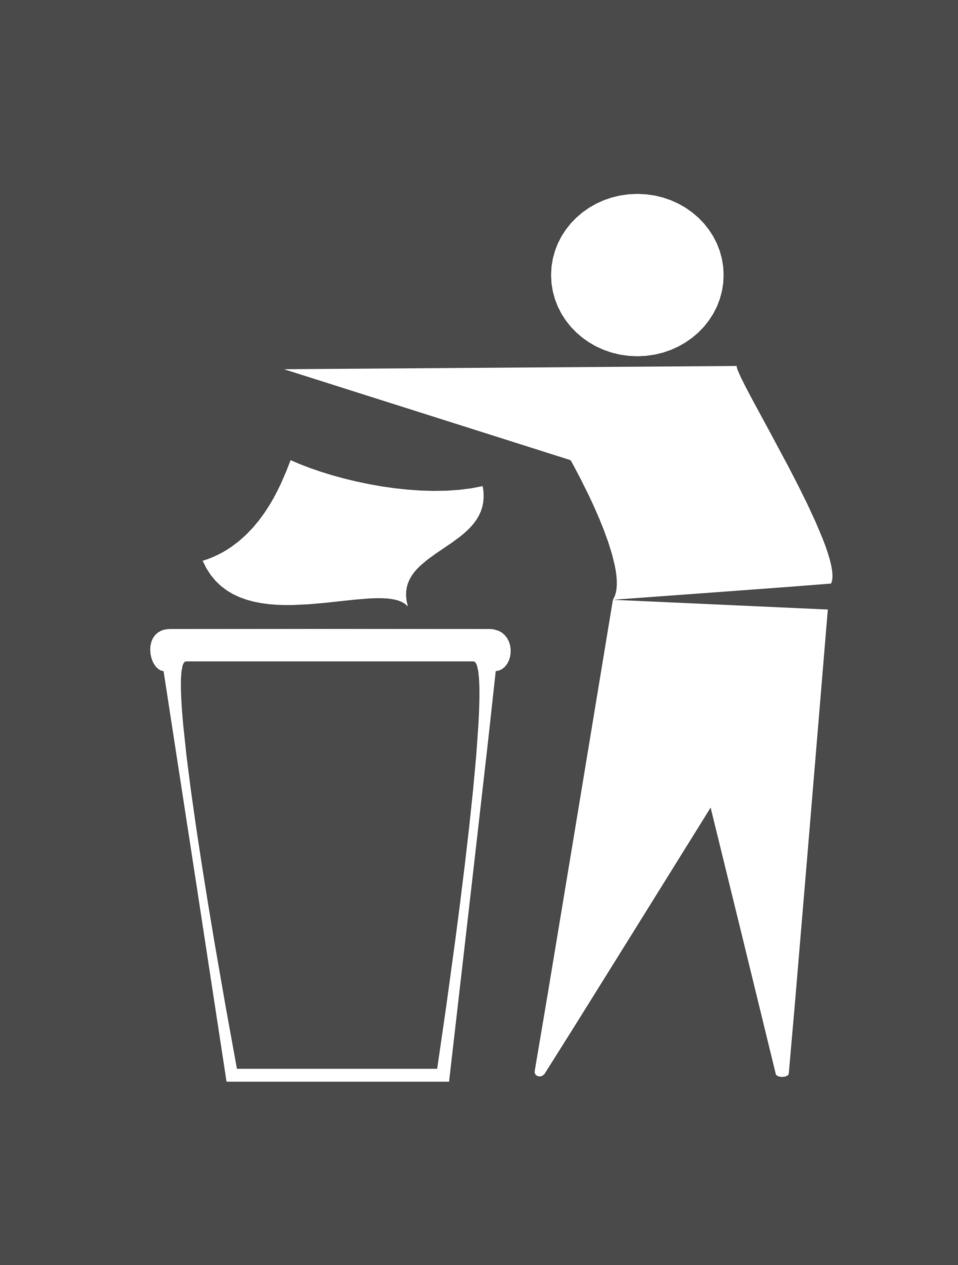 Spanish Trash Bin Sign